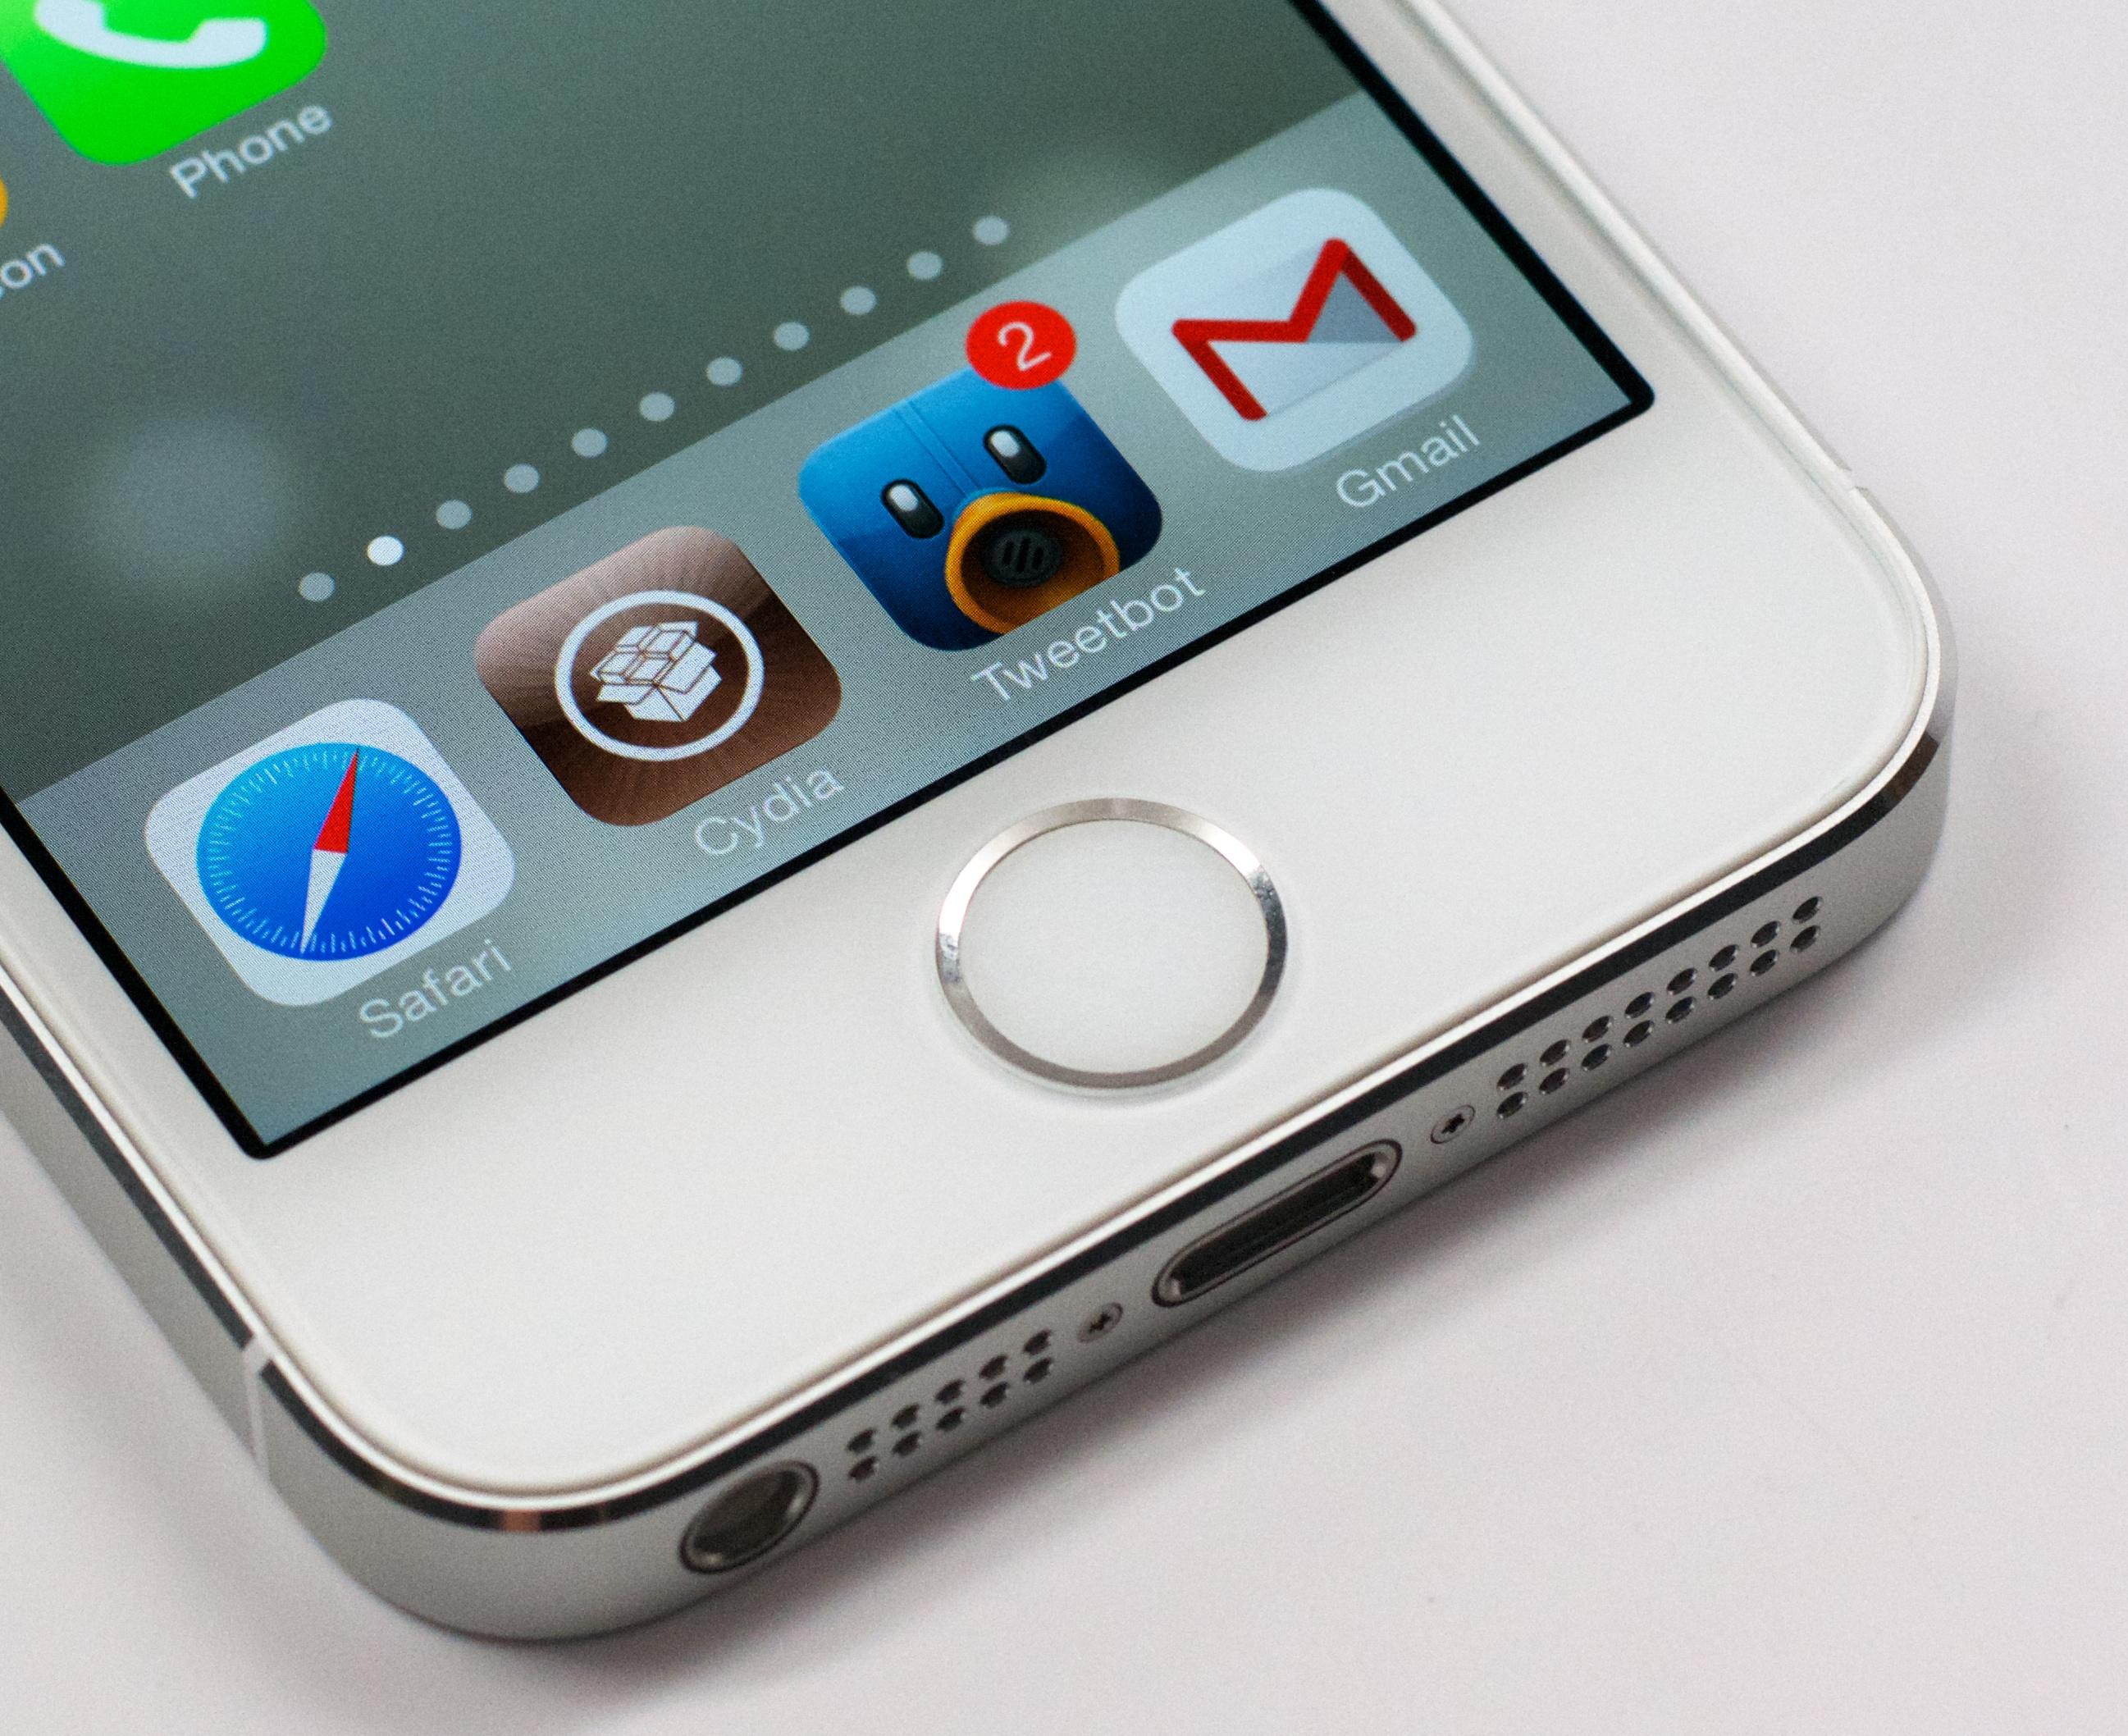 Jailbreak iOS 4